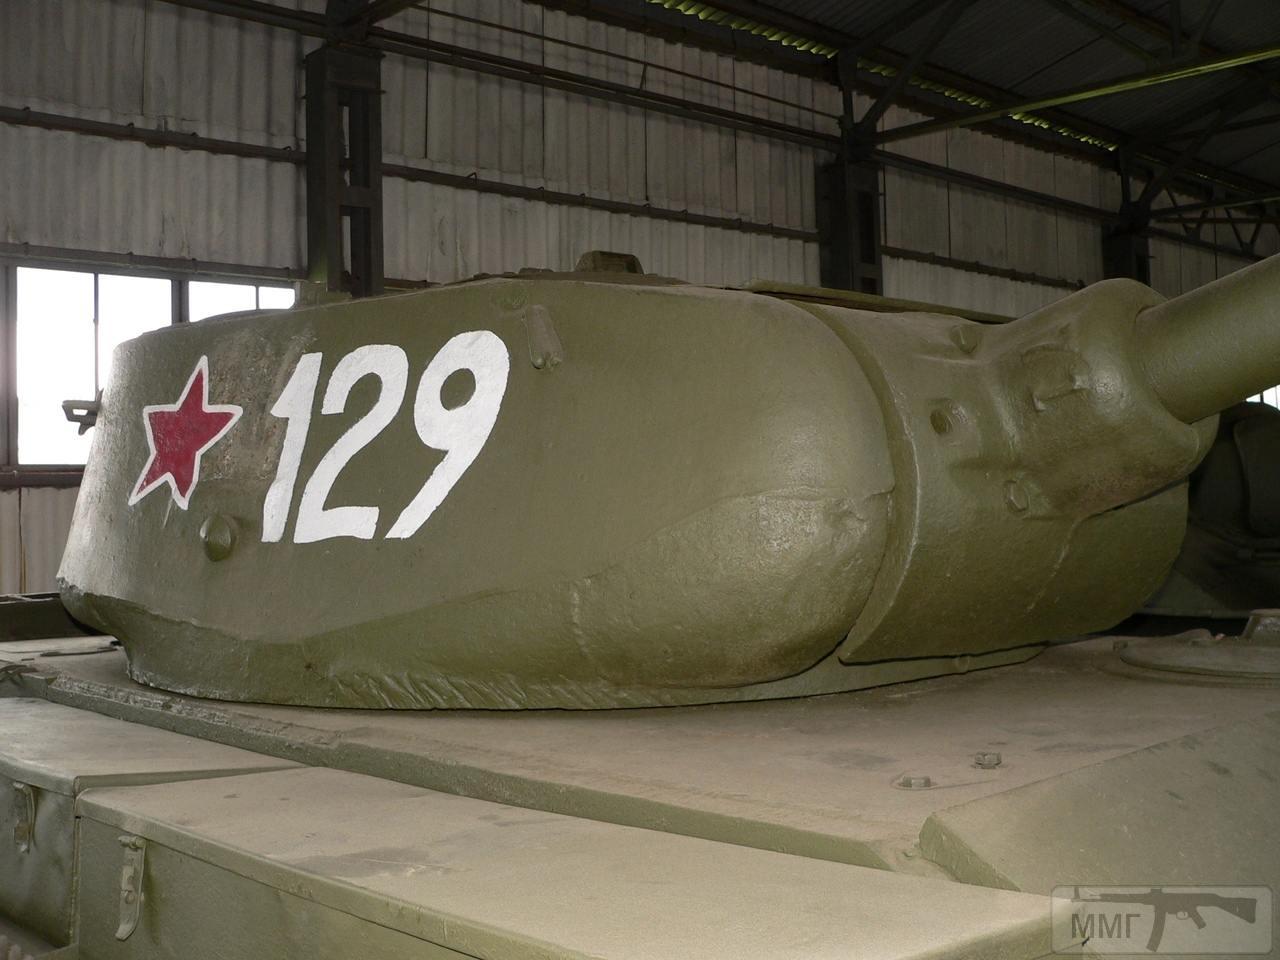 99380 - Танковий музей Кубинка